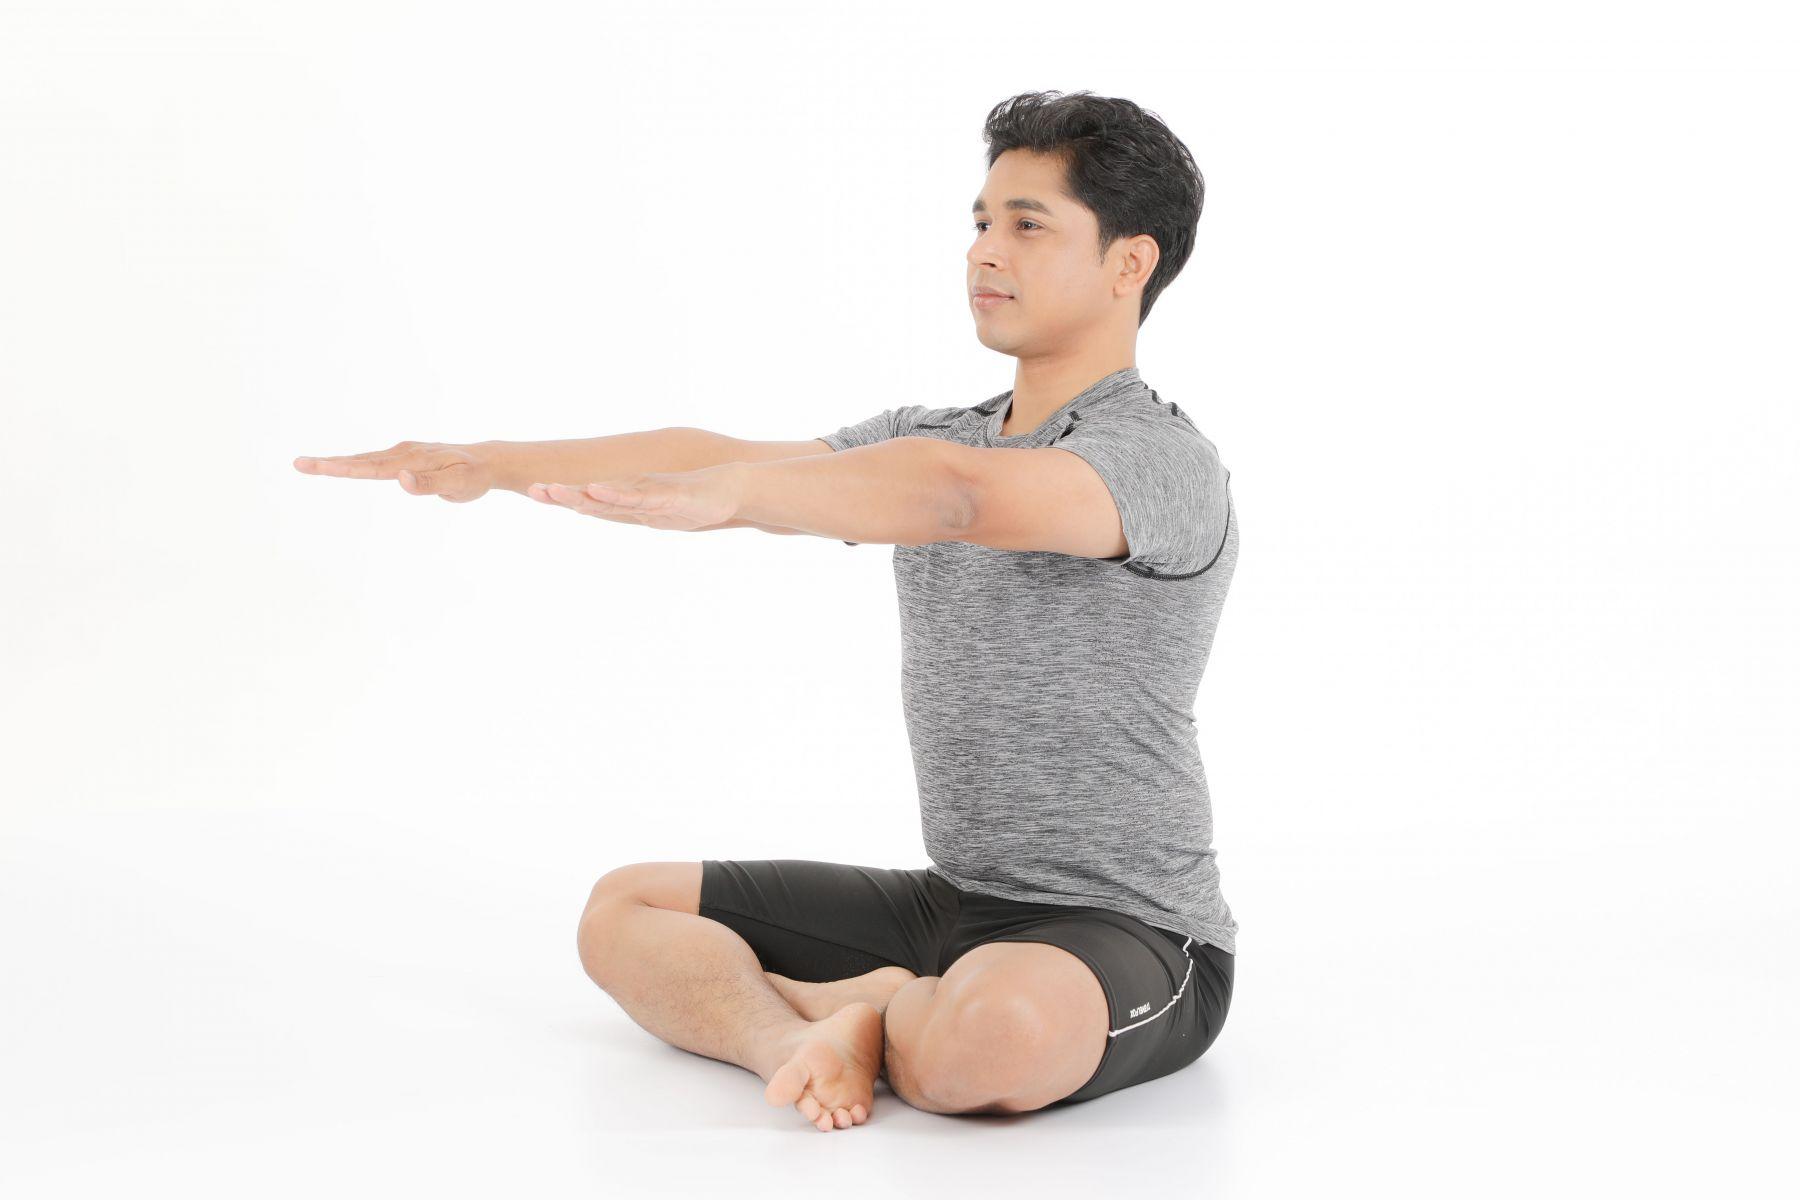 吸氣,雙手伸直抬高至肩膀高度。